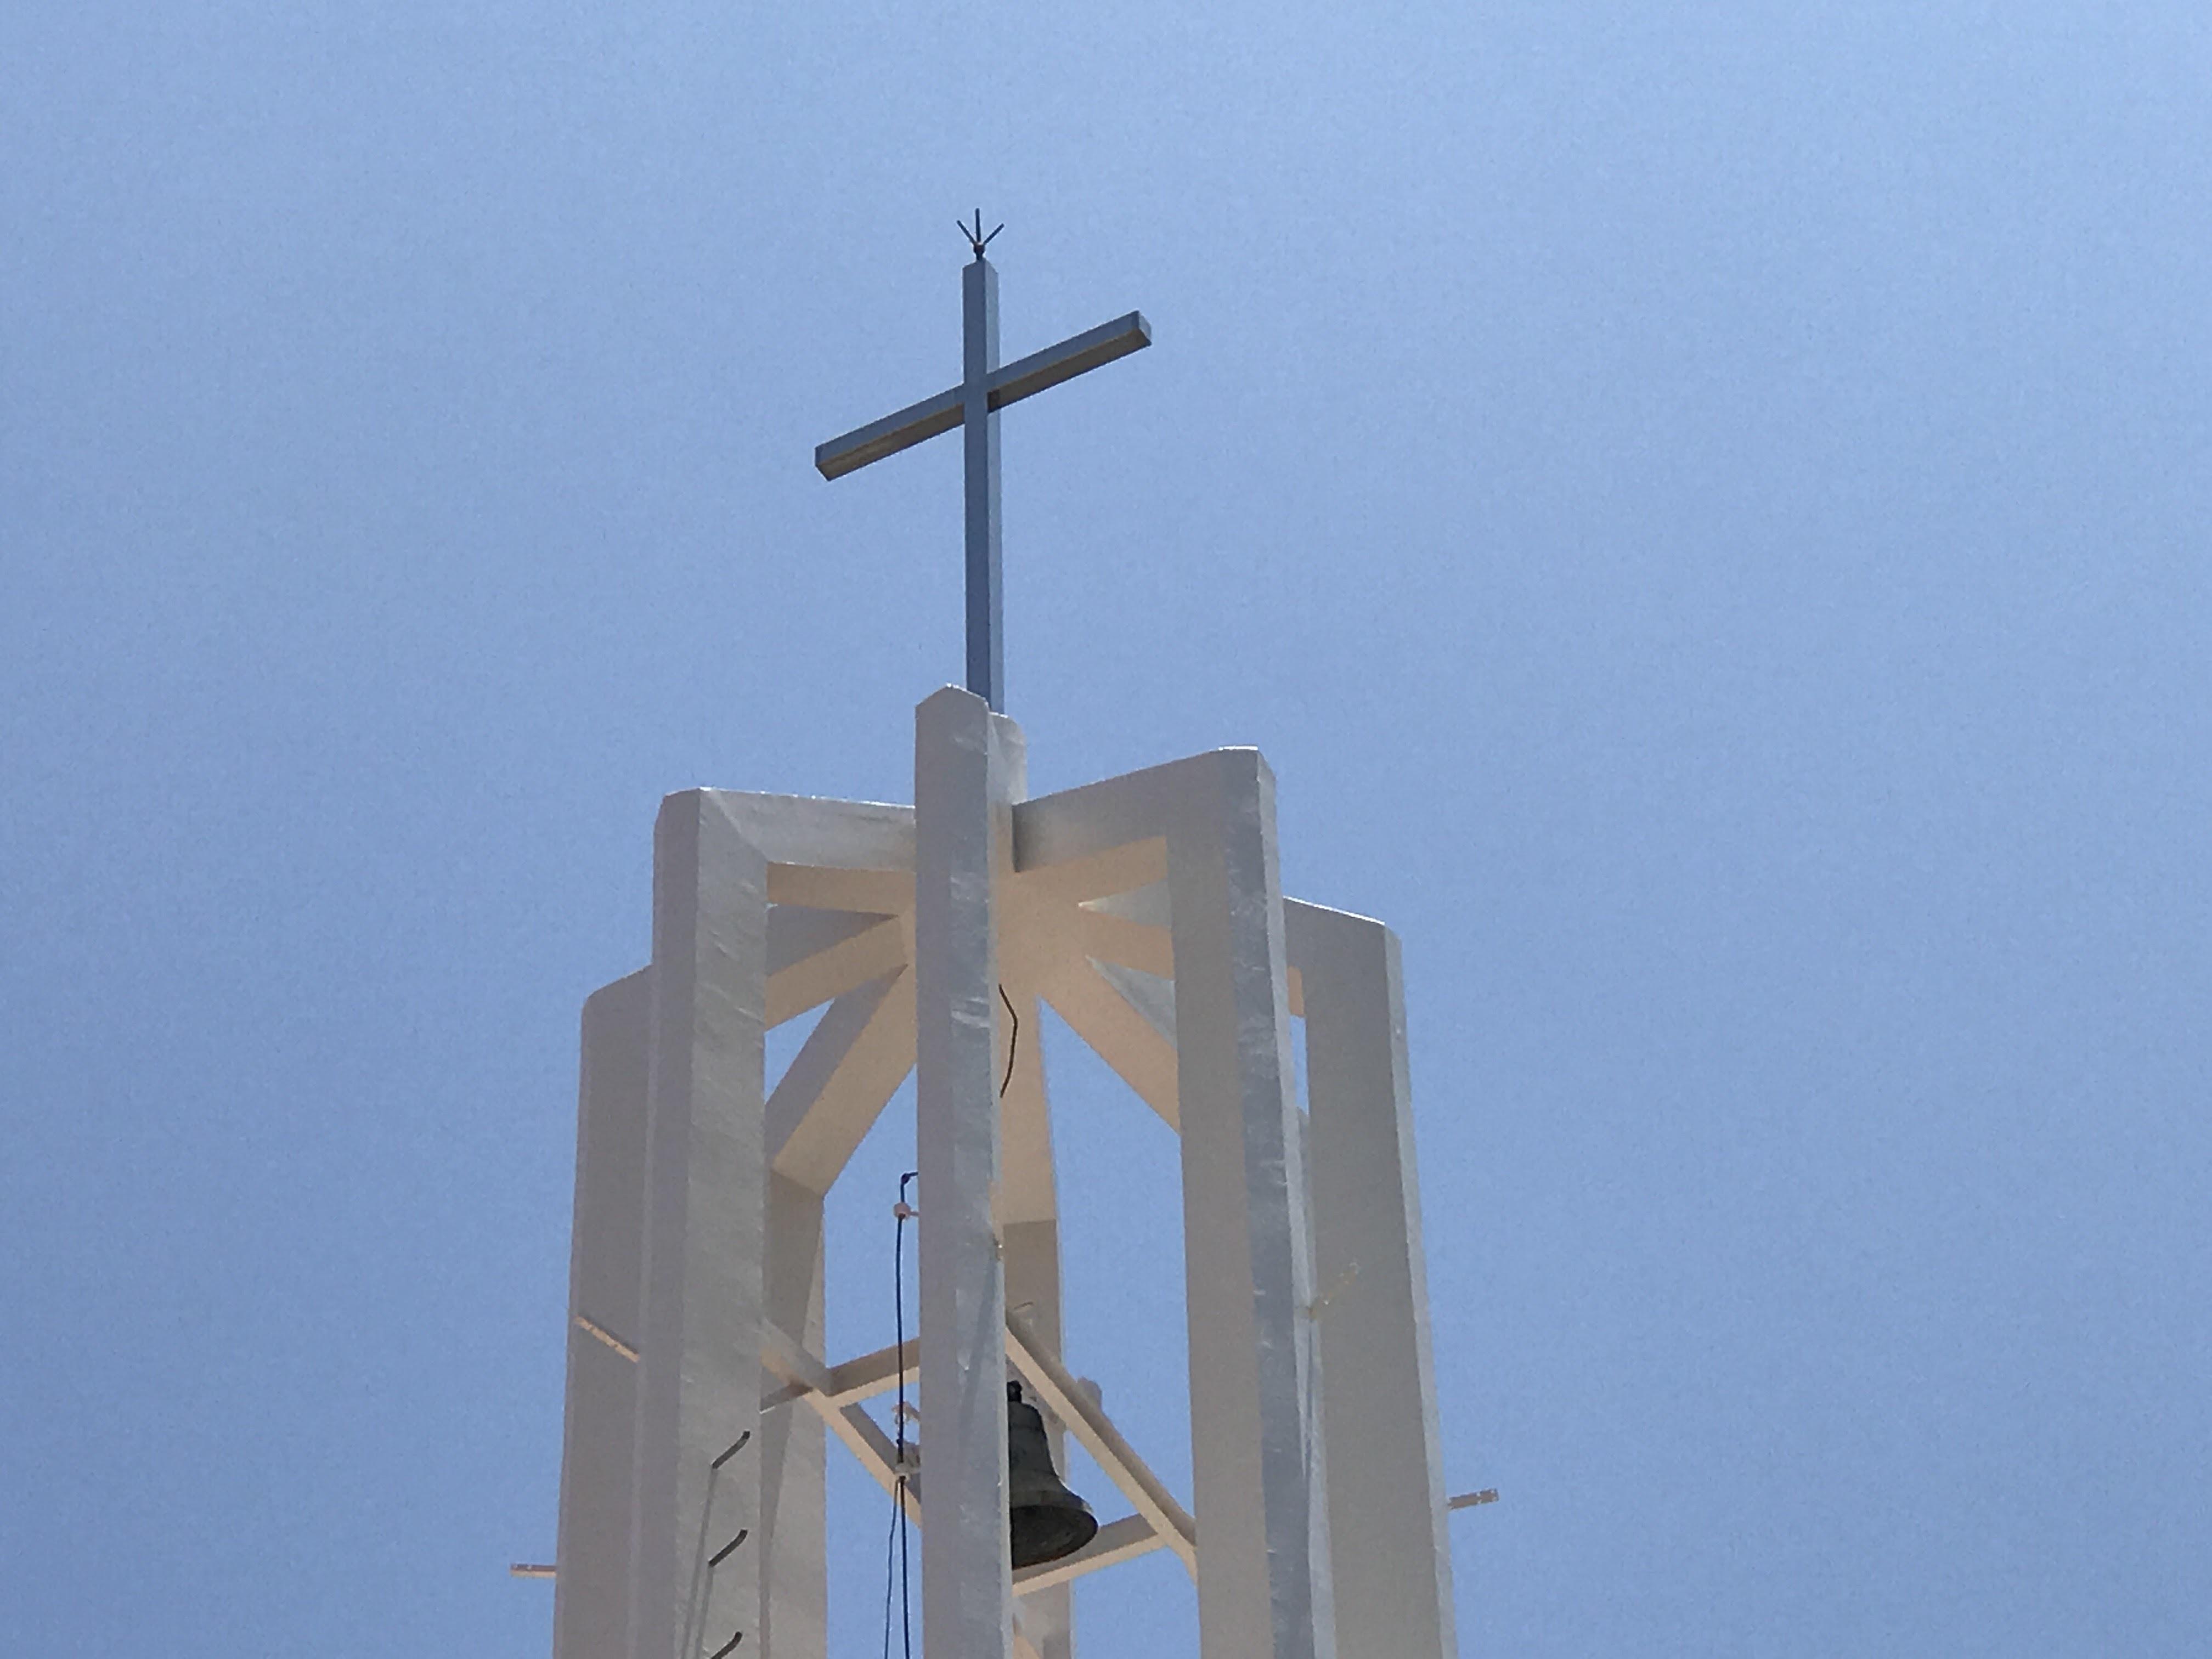 修復完了のみこころ教会鐘楼